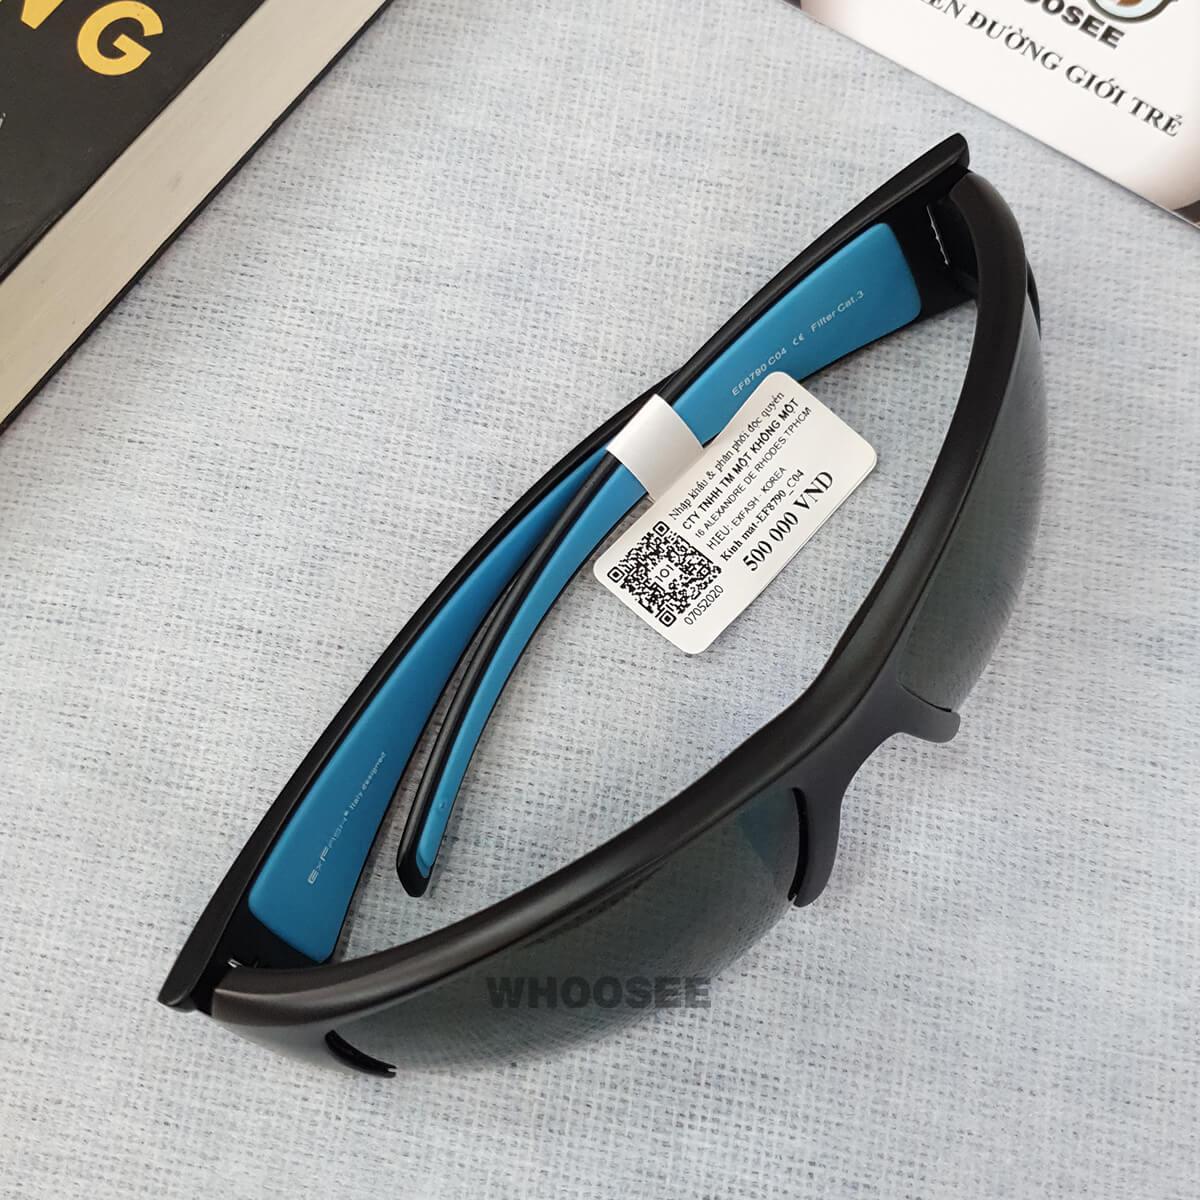 kính mát thể thao nam màu đen nhám xanh ef8790 c04 exfash